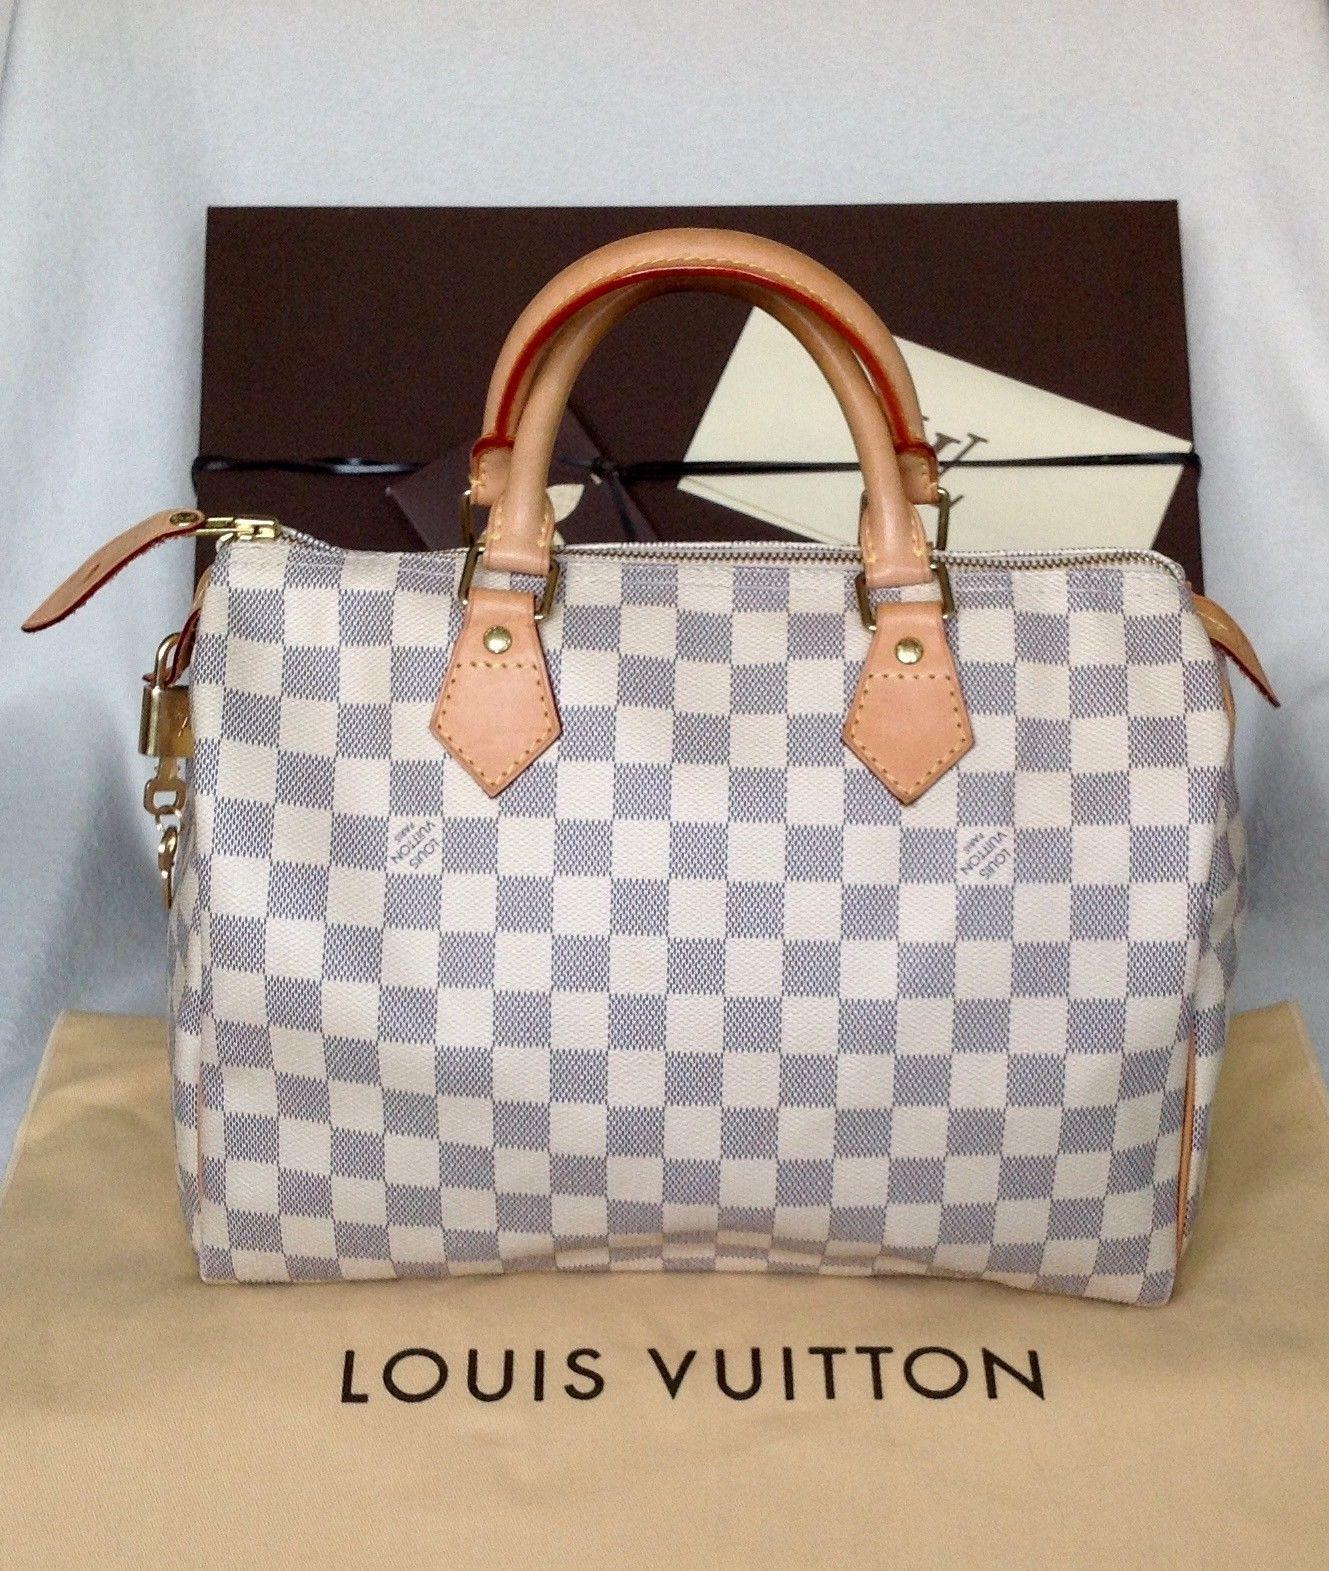 bd06e2bdcad AUTHENTIC LOUIS VUITTON SPEEDY 30 DAMIER AZUR DUST BAG BOX COPY ...